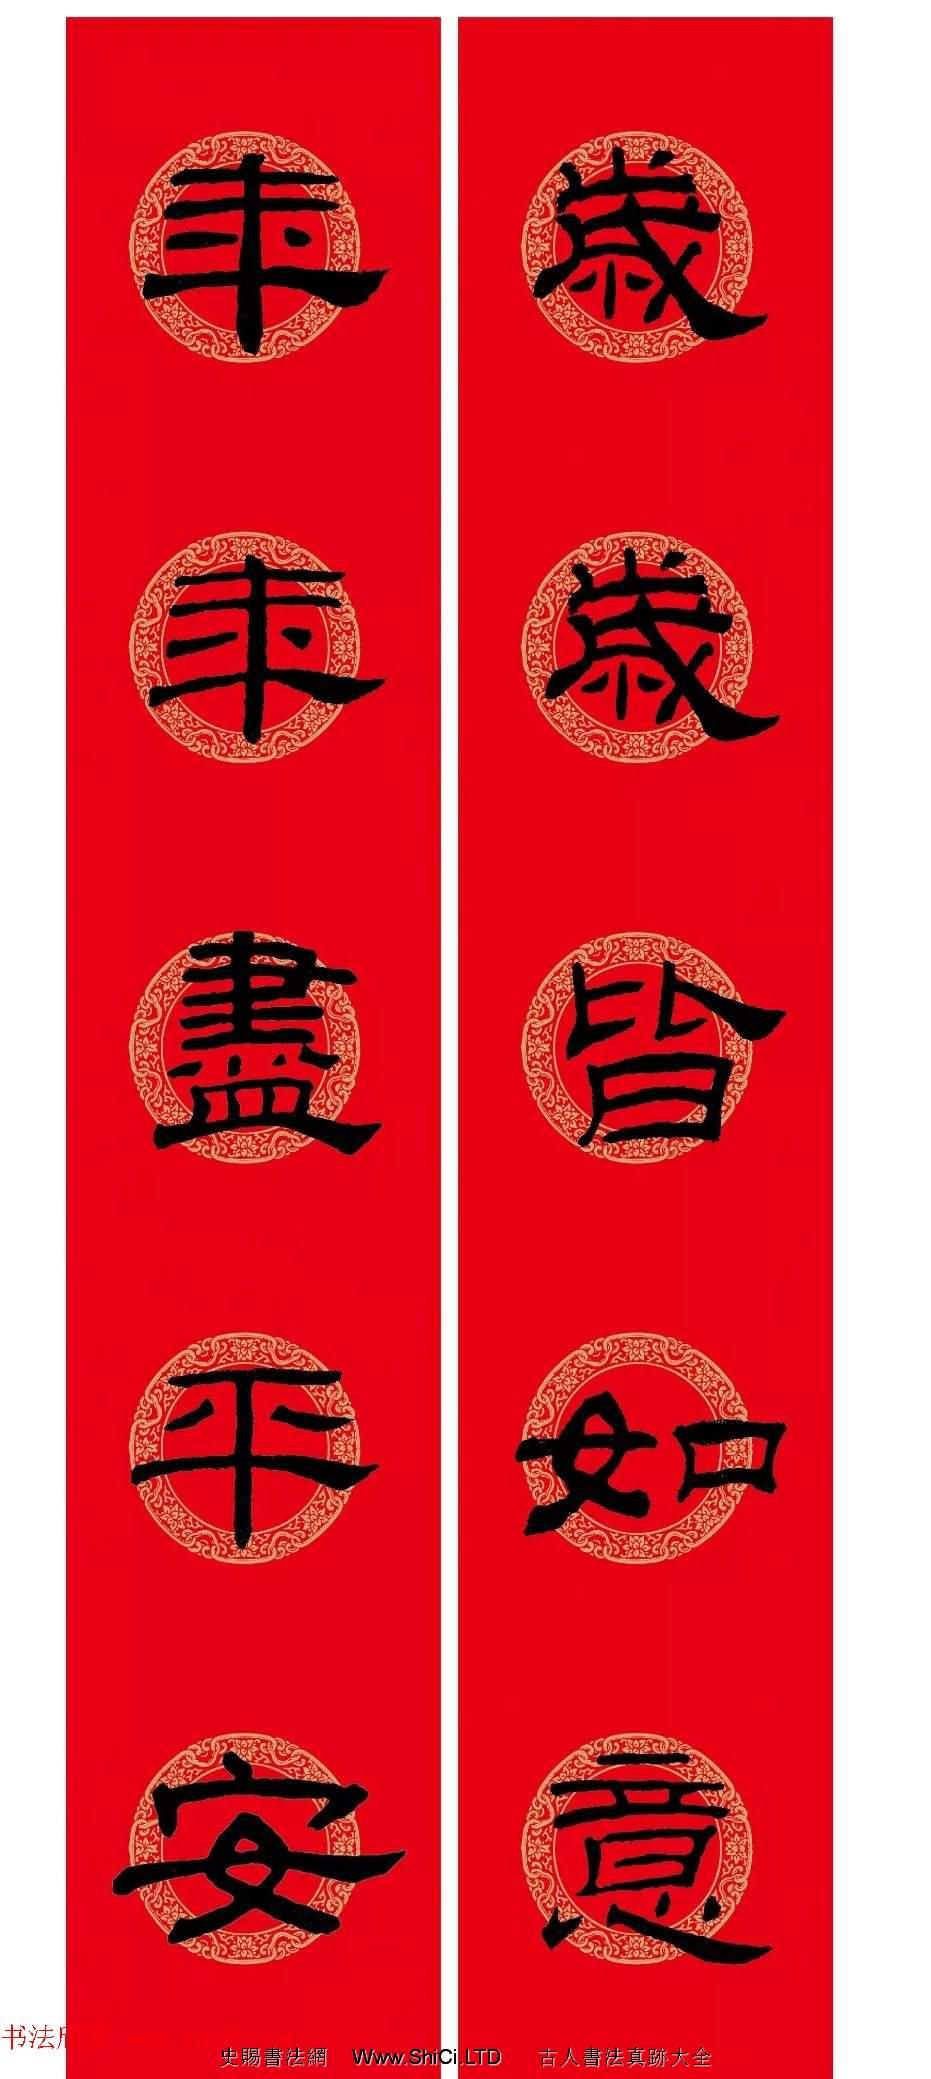 隸書春聯:乙瑛碑集字新年對聯(共23張圖片)